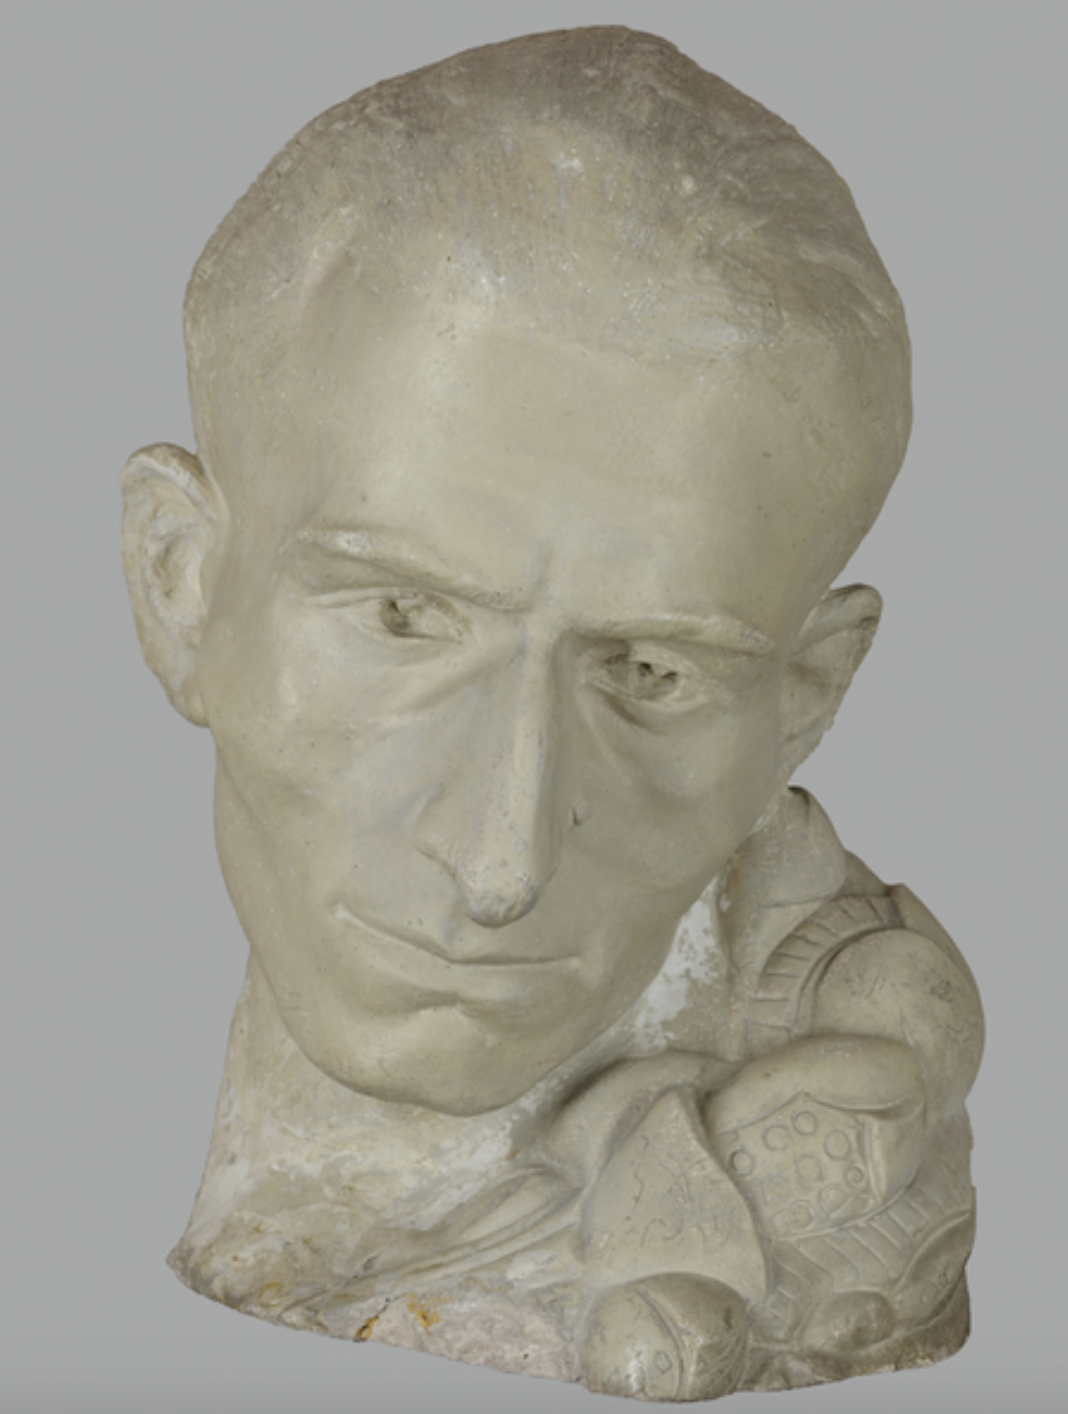 Акоп Гюрджян. Памятник Ваану Терьяну (1919 – 1920), гипс, шлифовка/полировка, литье. Из собрания    Национальной галереи Армении